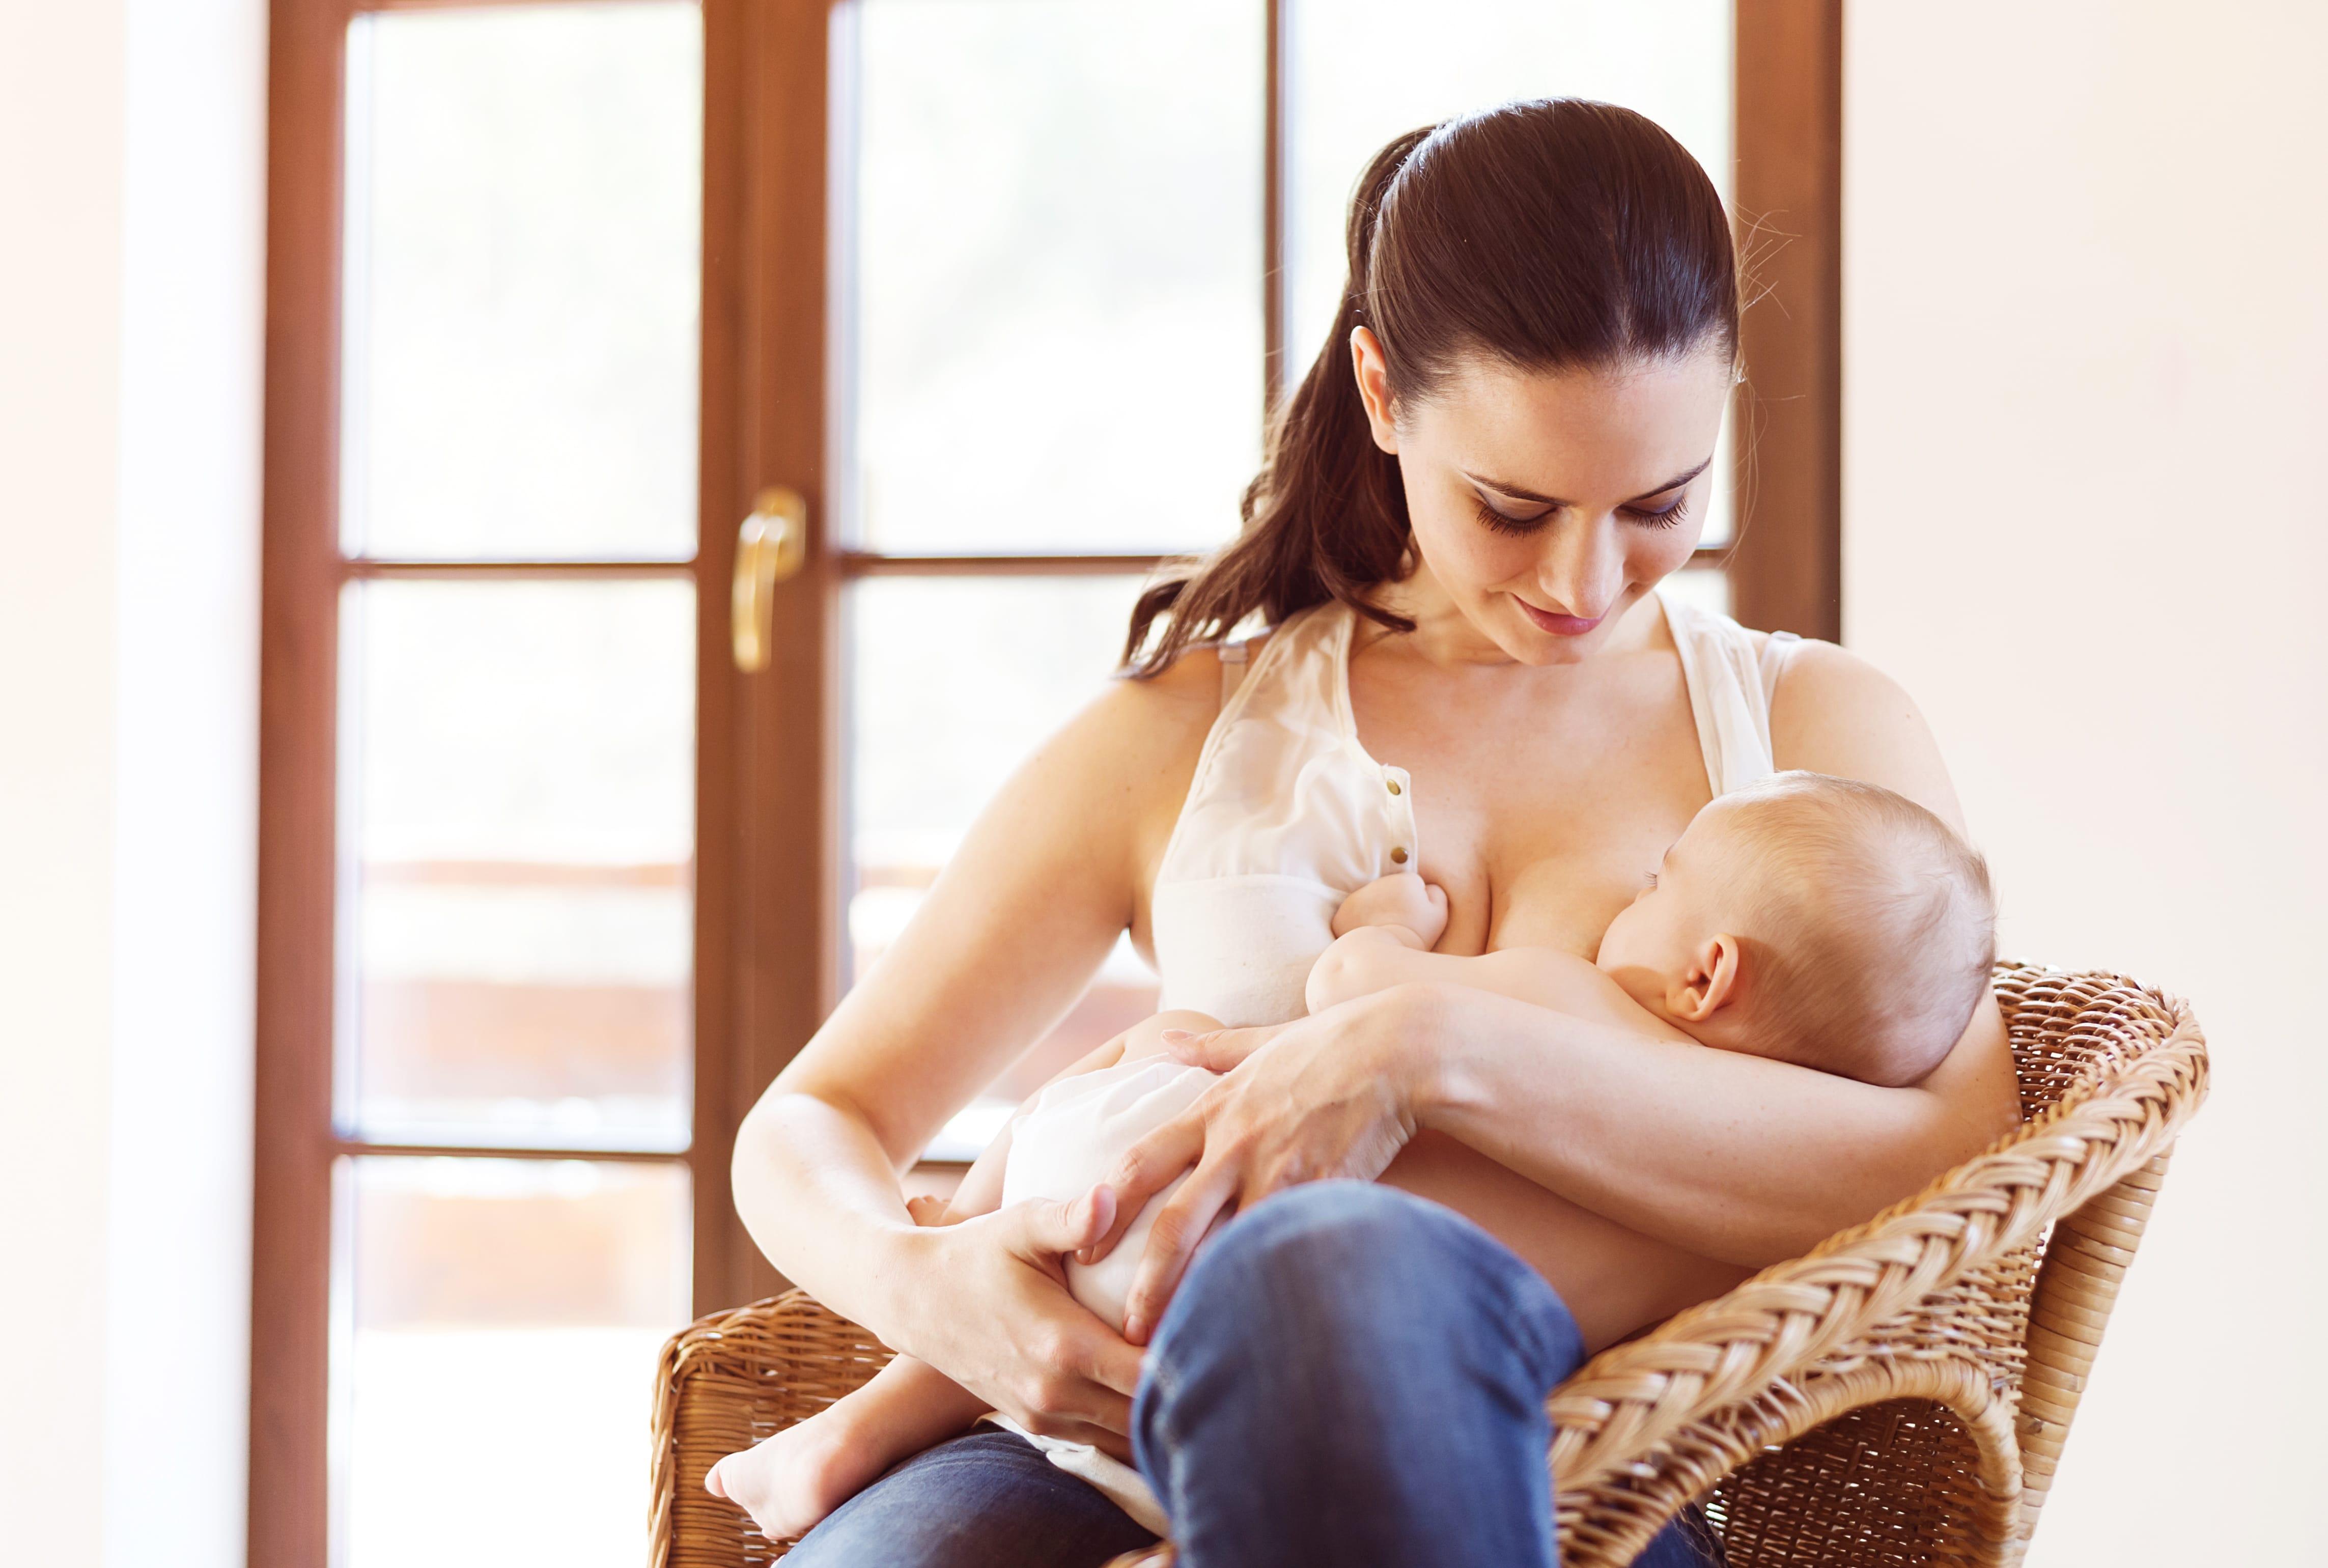 Terhességi fájdalmak és egészségi problémák